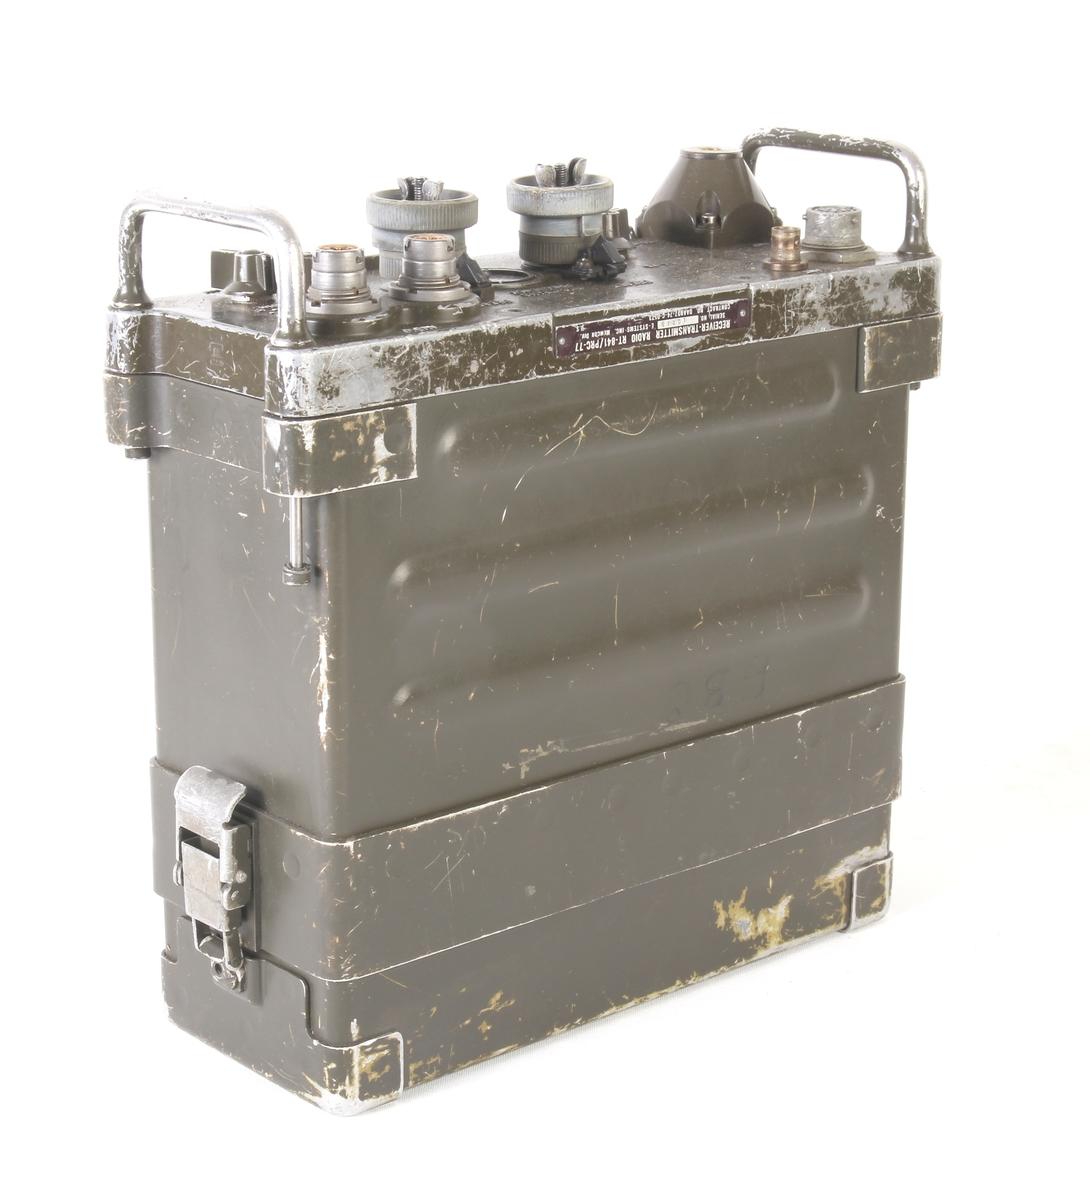 Amerikansk radio benyttet i Vietnamkrigen. Kom i tjeneste fra 1968.  Benyttet av det Norske Forsvaret. Rekkevidde ca. 8 kilometer.